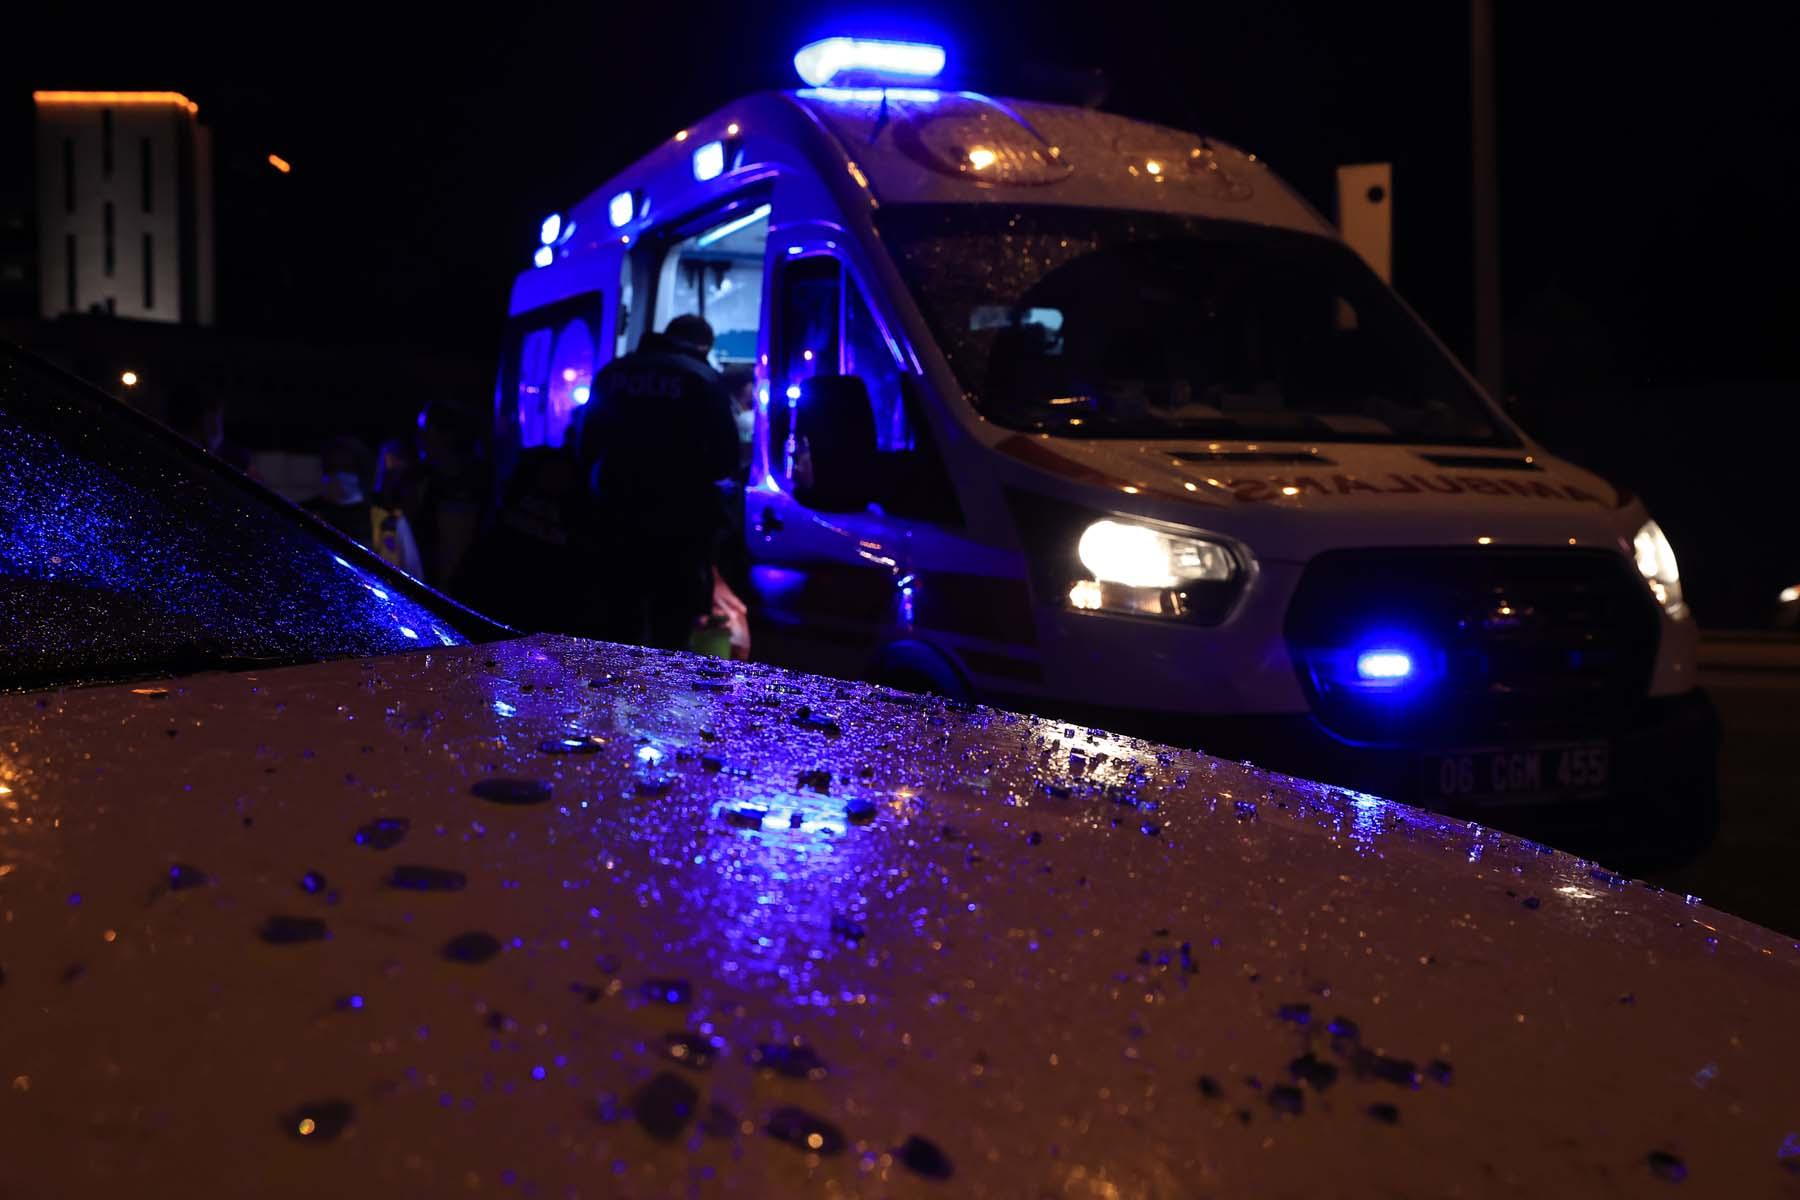 Son dakika: Ankara'da zincirleme trafik kazası! 7 araç karıştı, 2 kişi yaralandı